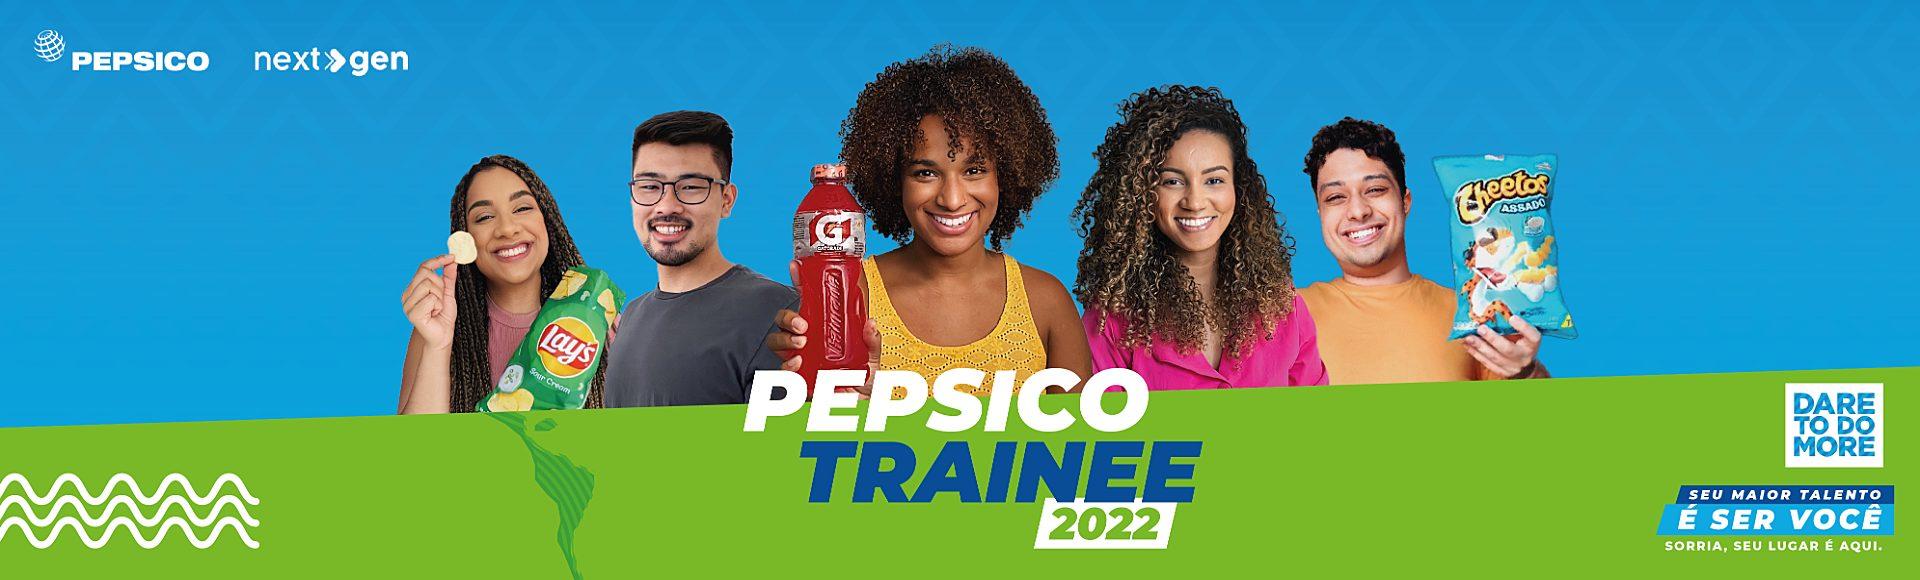 Programa de Trainee 2022 da PepsiCo está com inscrições abertas; veja cursos aceitos